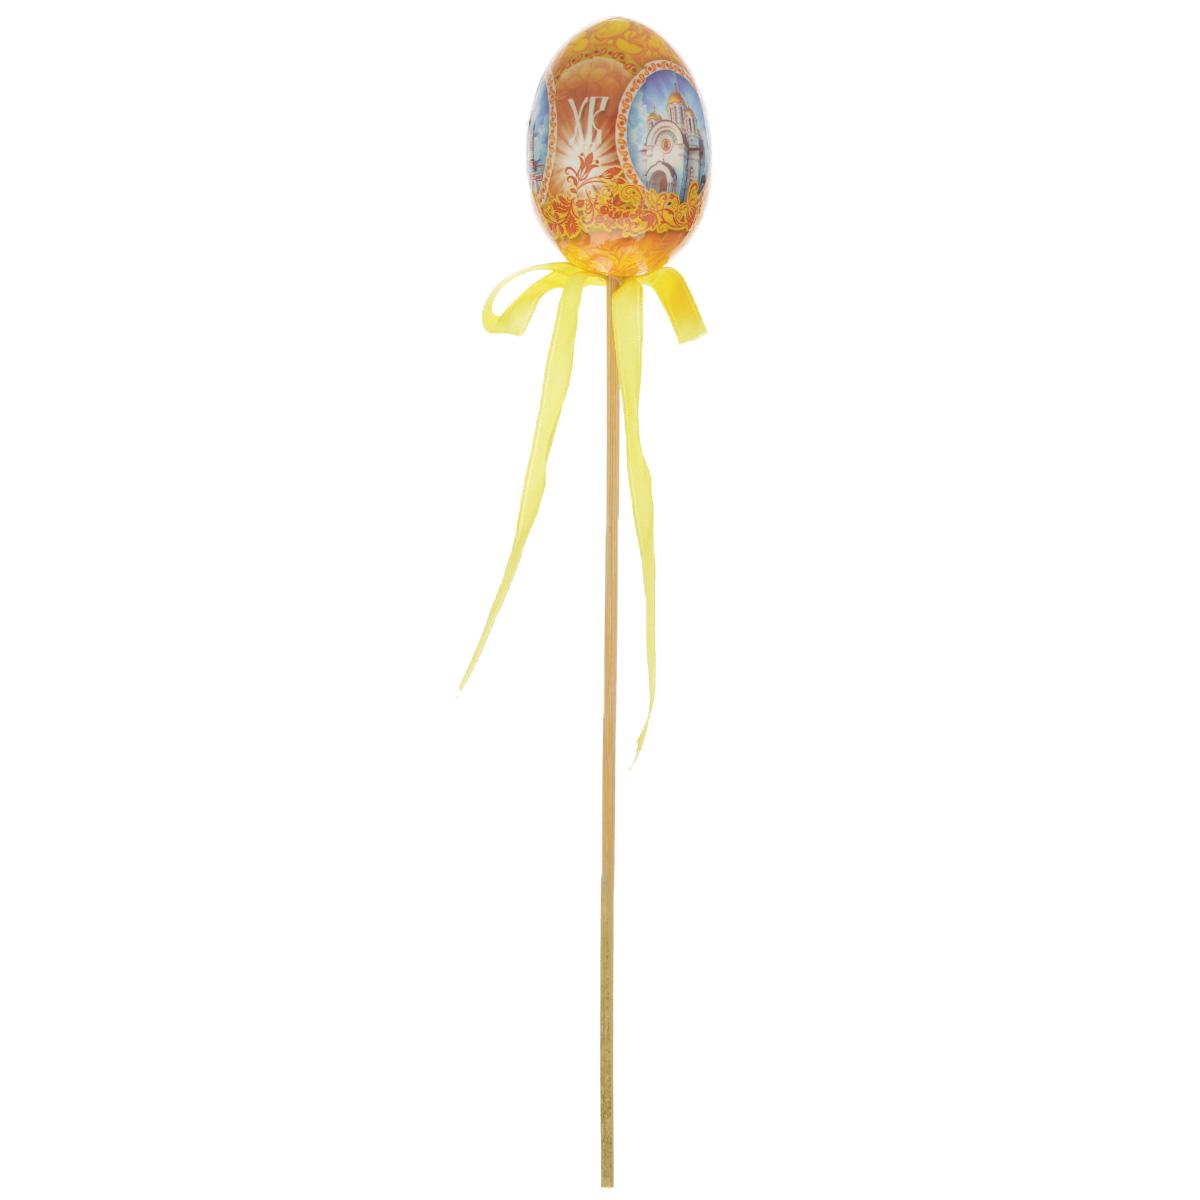 Декоративное украшение на ножке Home Queen Храмы, цвет: желтый, высота 26 см66756_1Декоративное украшение Home Queen Храмы выполнено из пластика в виде пасхального яйца на деревянной ножке, декорированного изображениями храмов. Изделие украшено текстильной лентой. Такое украшение прекрасно дополнит подарок для друзей или близких. Высота: 26 см. Размер яйца: 6,5 см х 4,5 см.